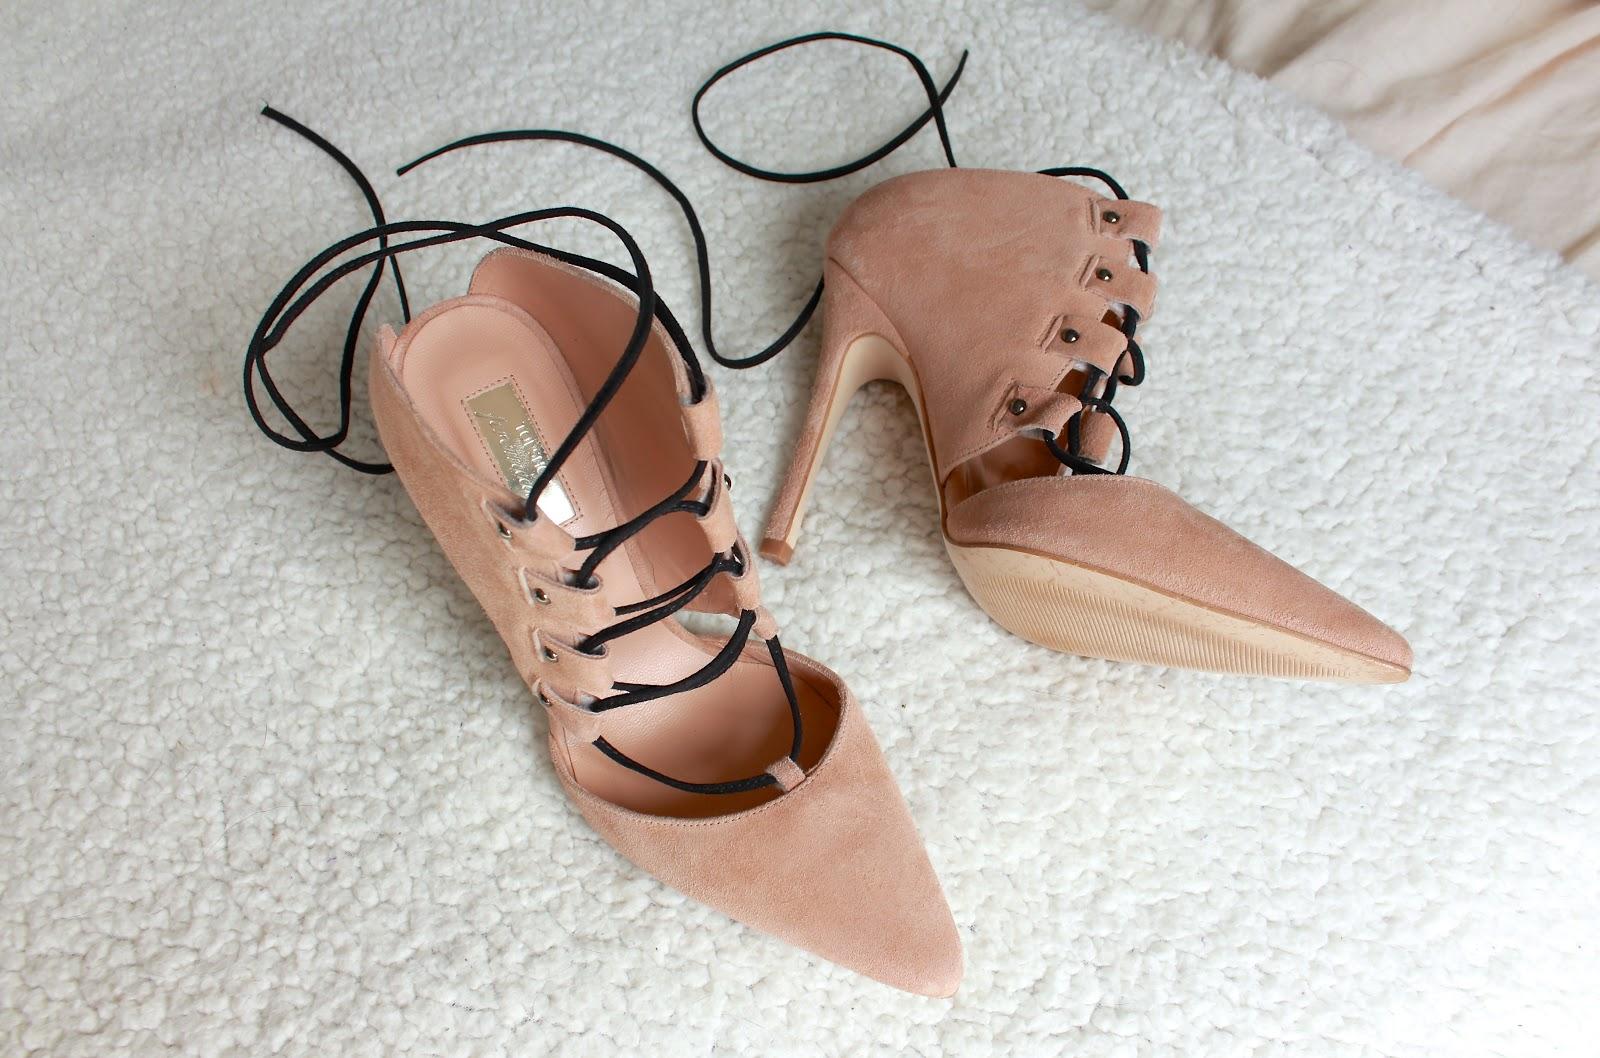 krystel couture, style blog, topshop, ghillie heels, suede heels,